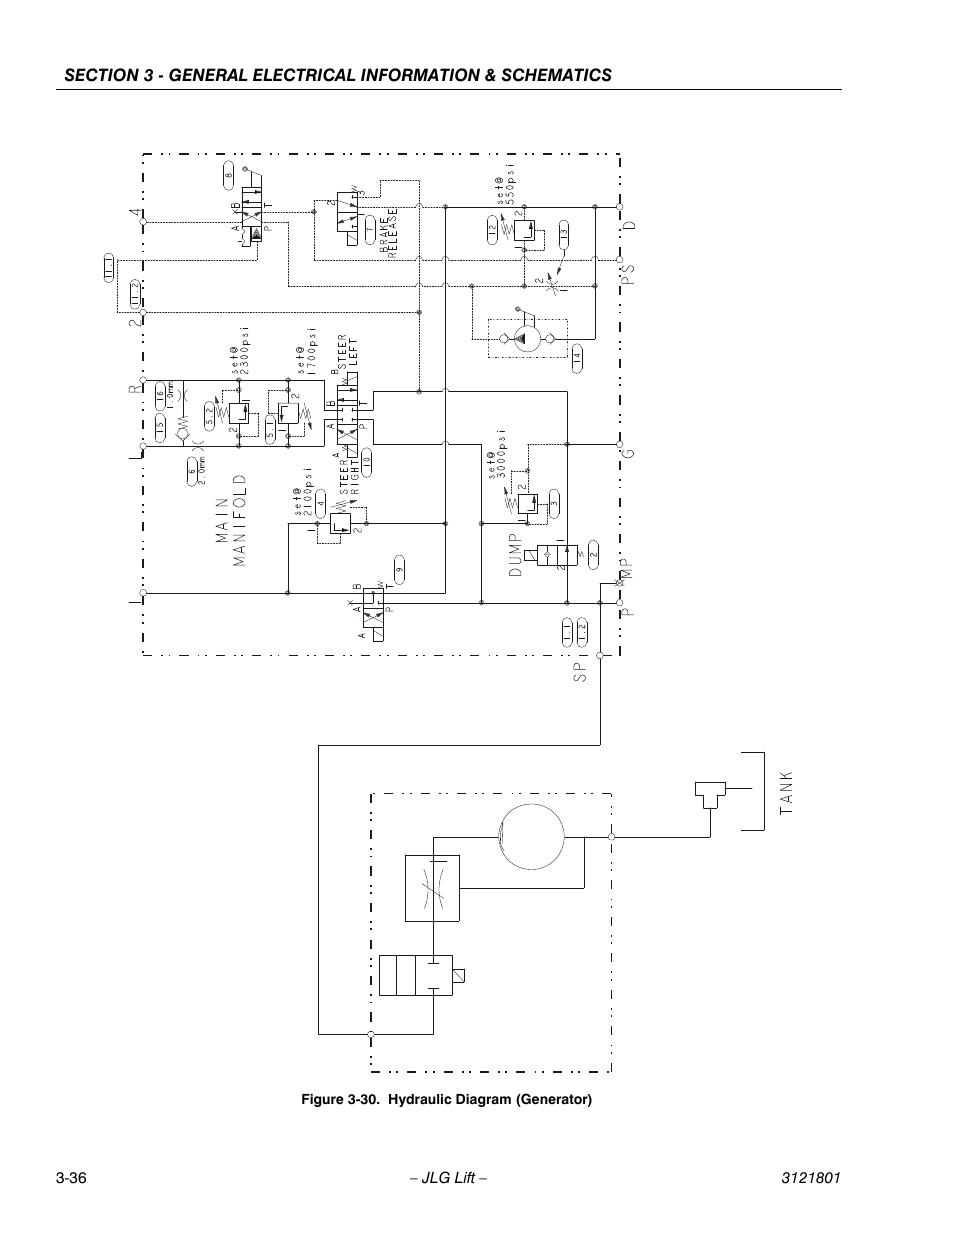 Hasse Diagram Generator Online Manual Guide